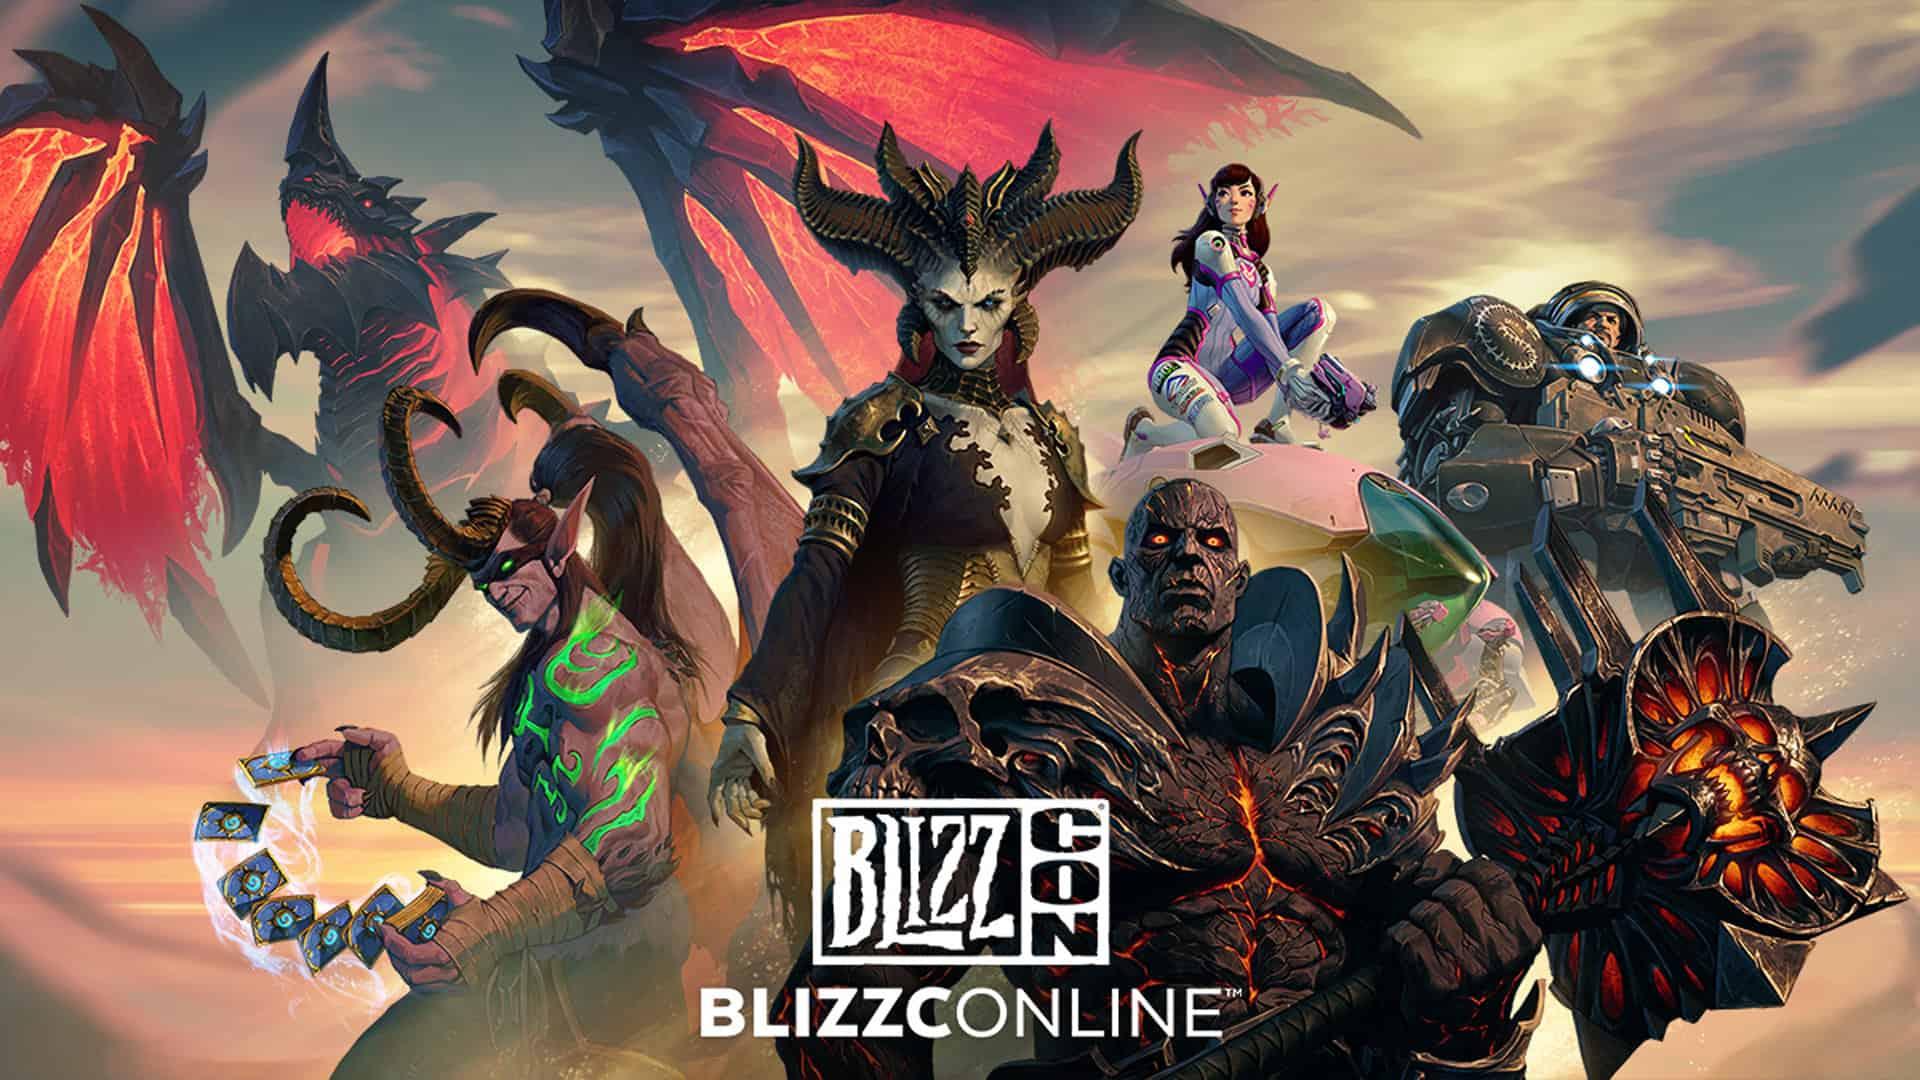 Blizzcon Blizzconline Blizzard 2021